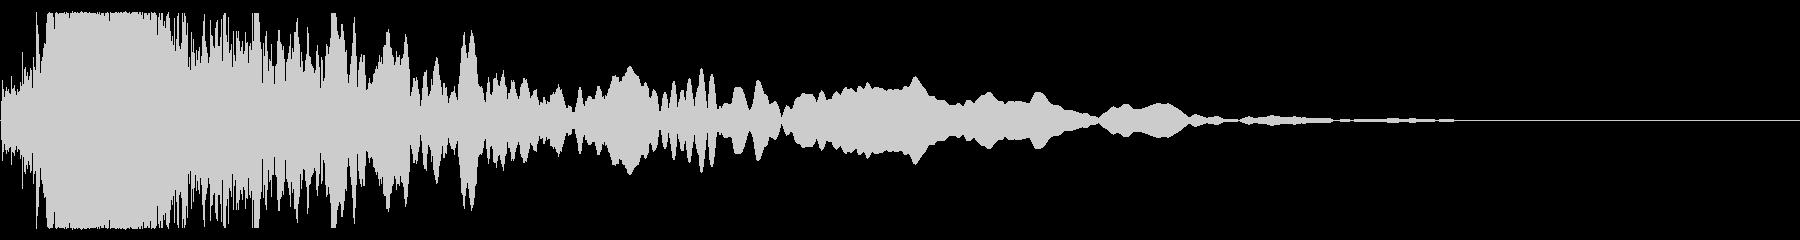 インパクト、メタル、シング、サイファイの未再生の波形